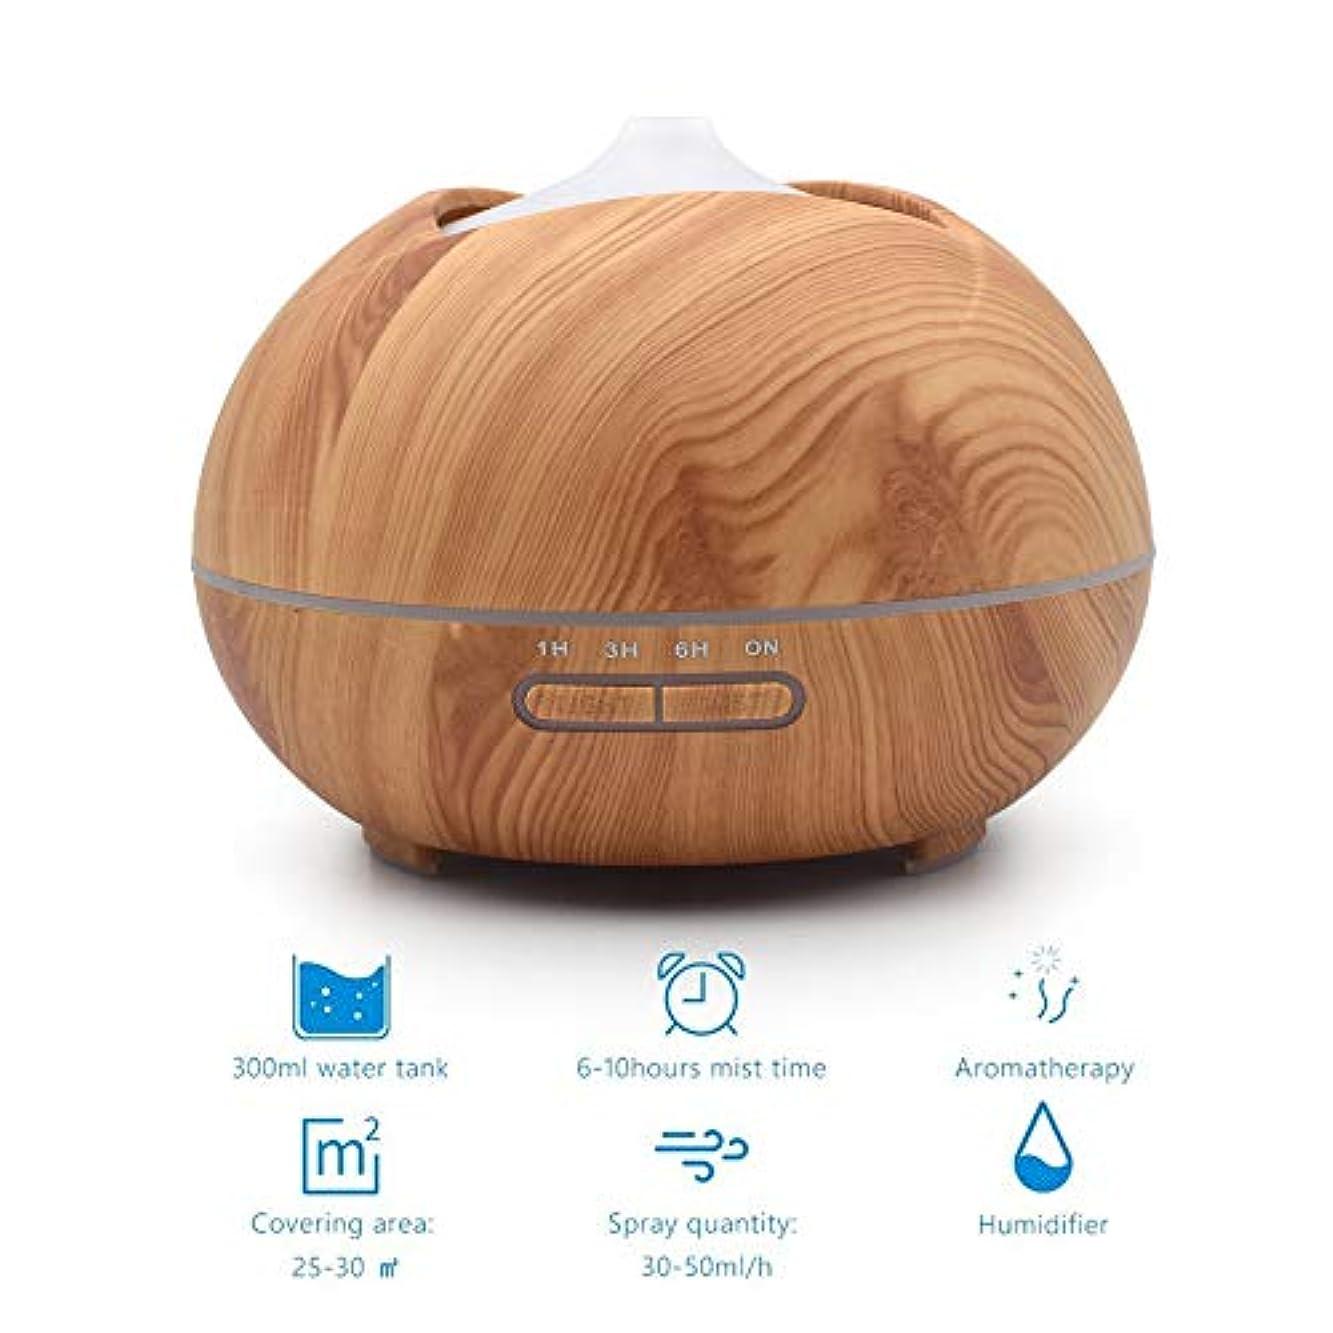 慣性乞食びっくりした木目クールミスト加湿器、500ミリリットルアロマセラピーディフューザー付き2ミストモードささやき静かな加湿器用寝室、ホーム、オフィス,lightwoodgrain